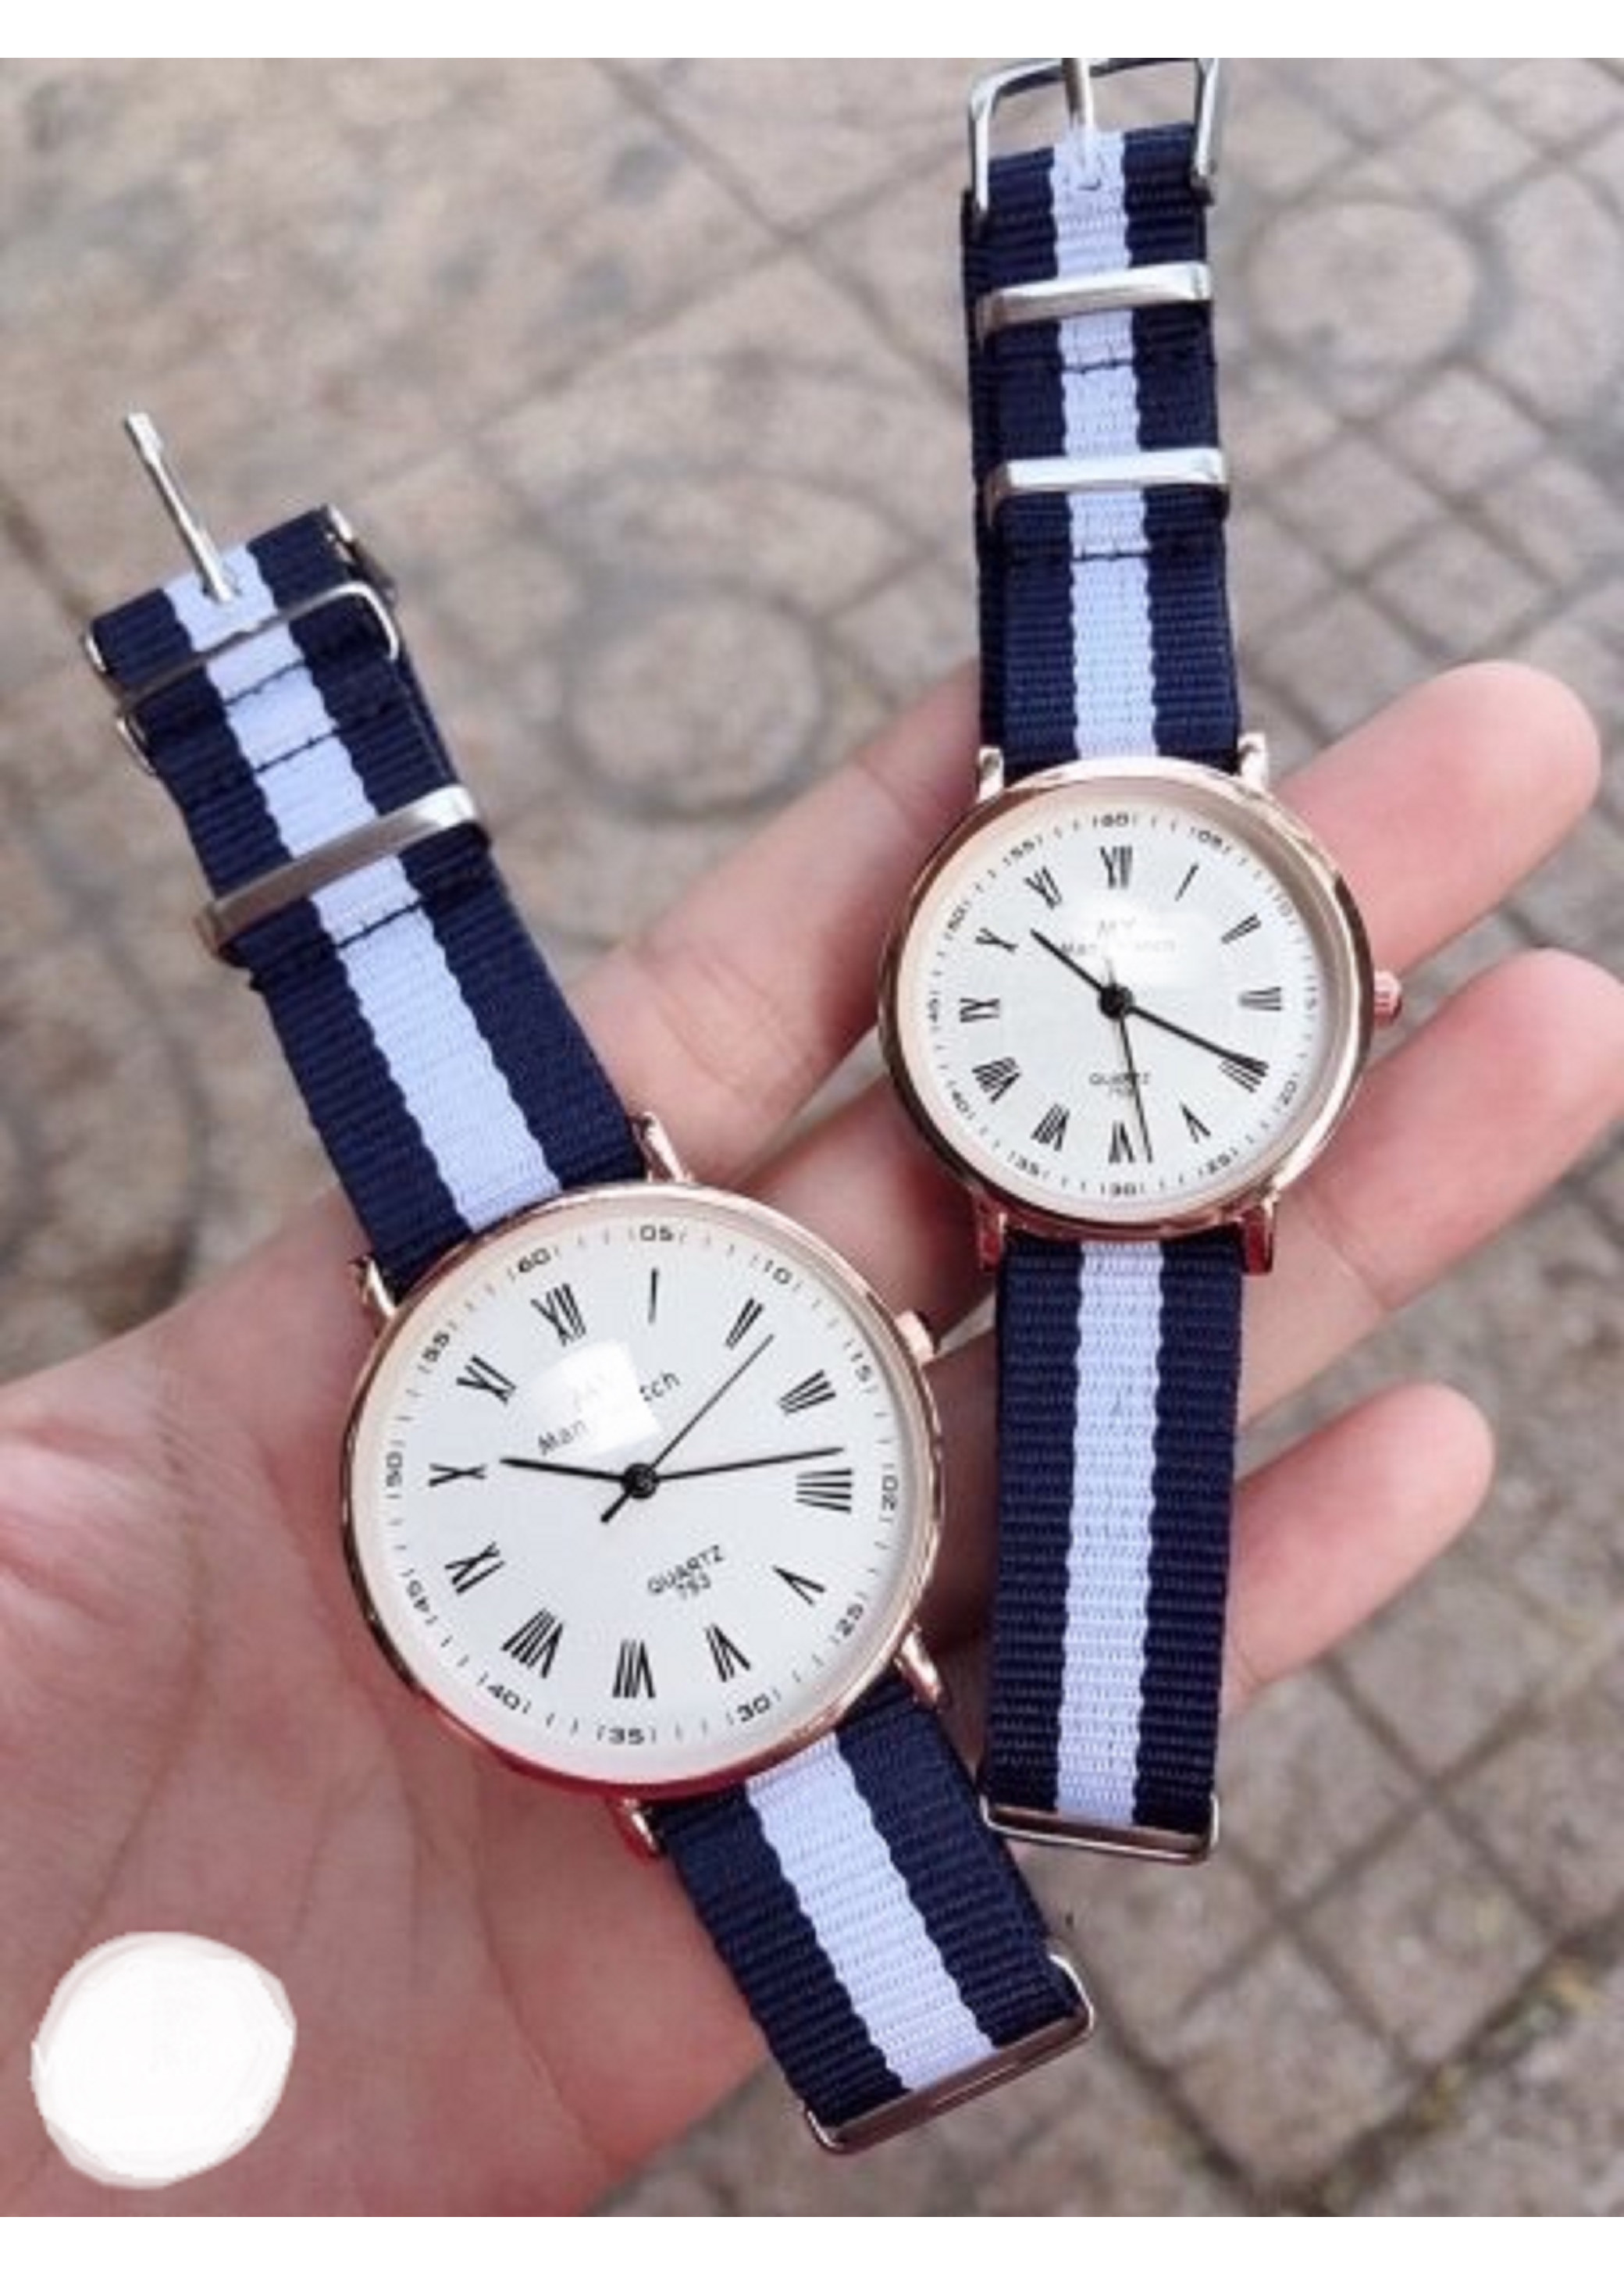 Đồng hồ dây vải thời trang cao cấp phối màu